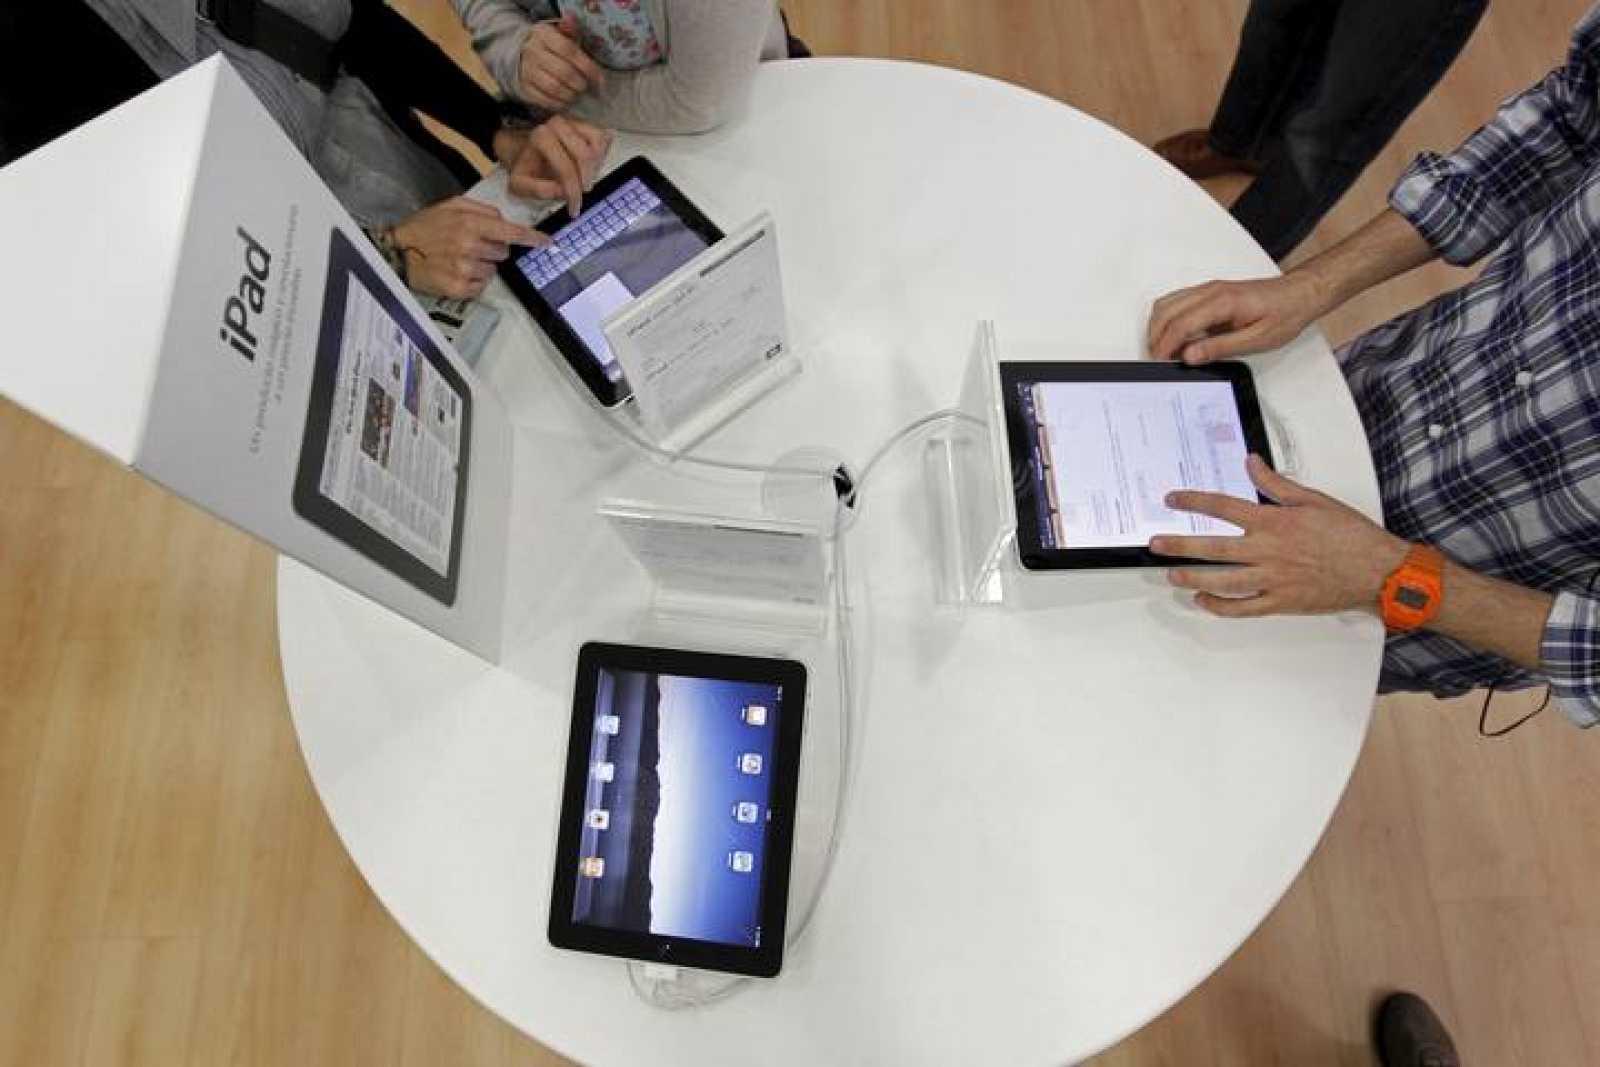 Varios jóvenes prueban el iPad, el nuevo dispositivo de Apple que ya está  en las tiendas españolas, dos meses después de su lanzamiento en Estados Unidos.